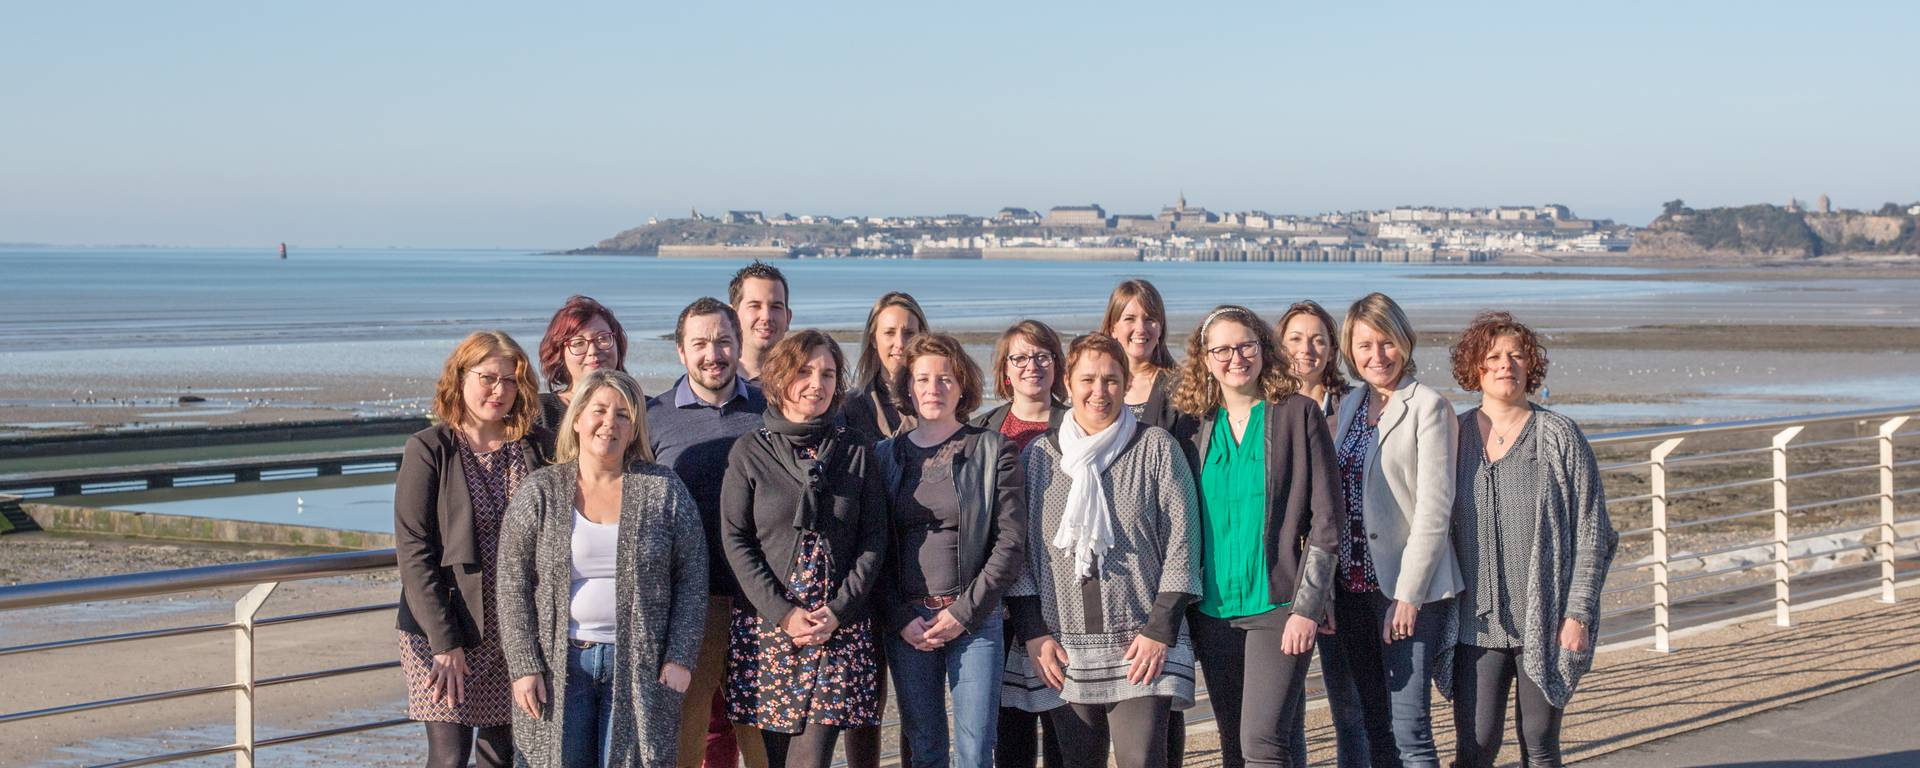 L'équipe de l' Office de Tourisme Granville Terre et Mer